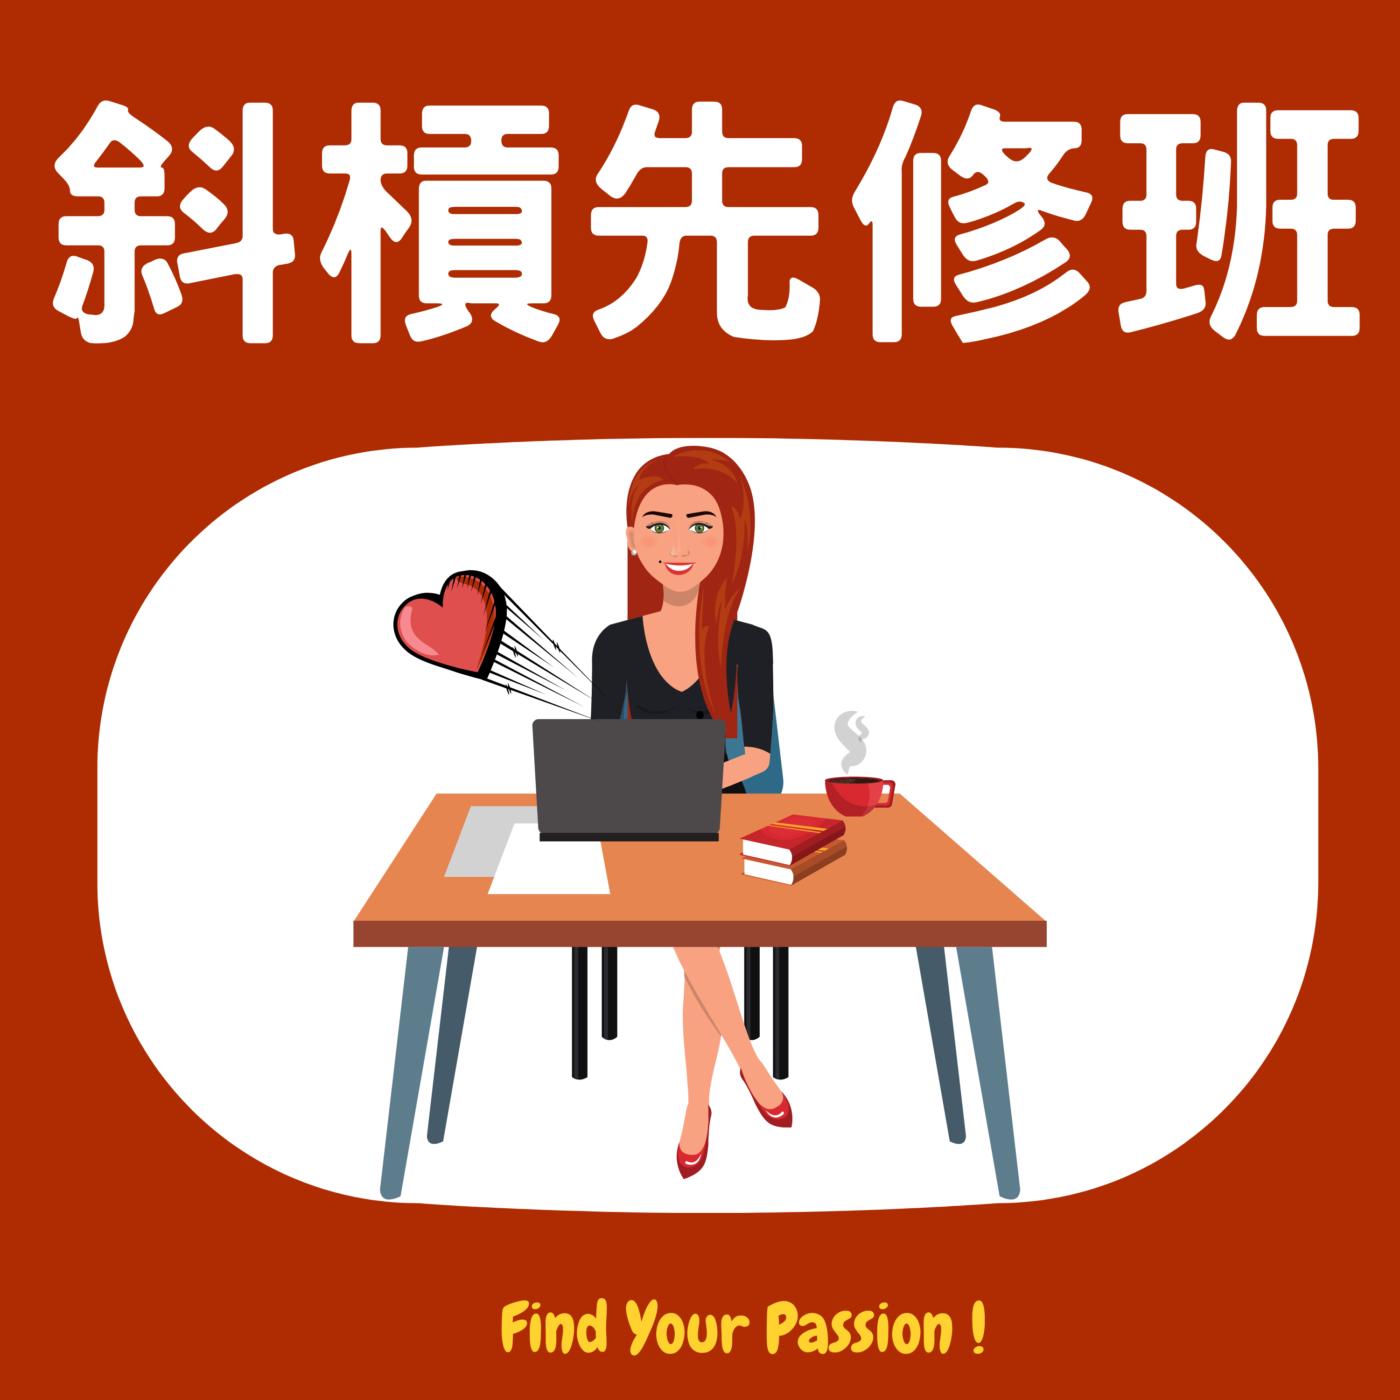 #8 斜槓作家教你提升文字描繪功力(ft.文刀莎拉)